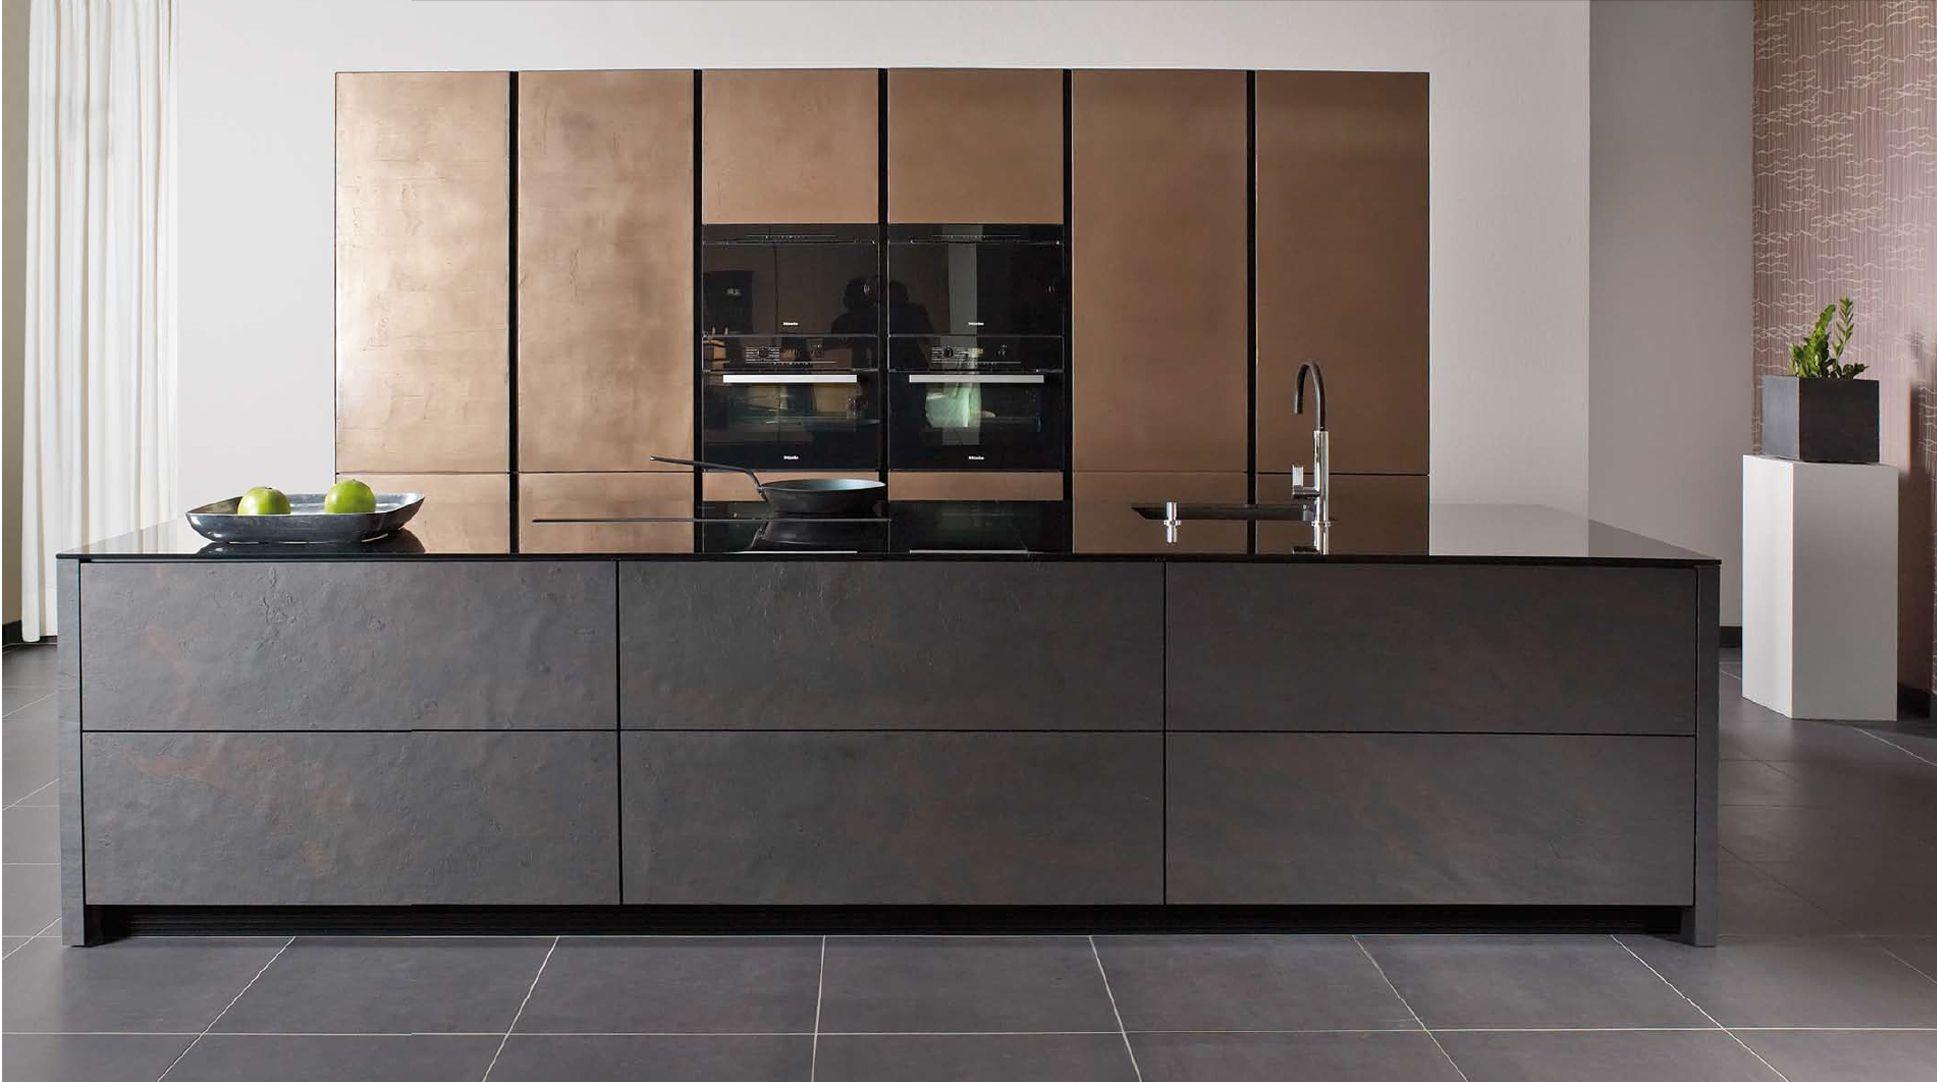 naturstein arbeitsplatten au ergew hnliche naturstein arbeitsplatten finden sie bei uns http. Black Bedroom Furniture Sets. Home Design Ideas